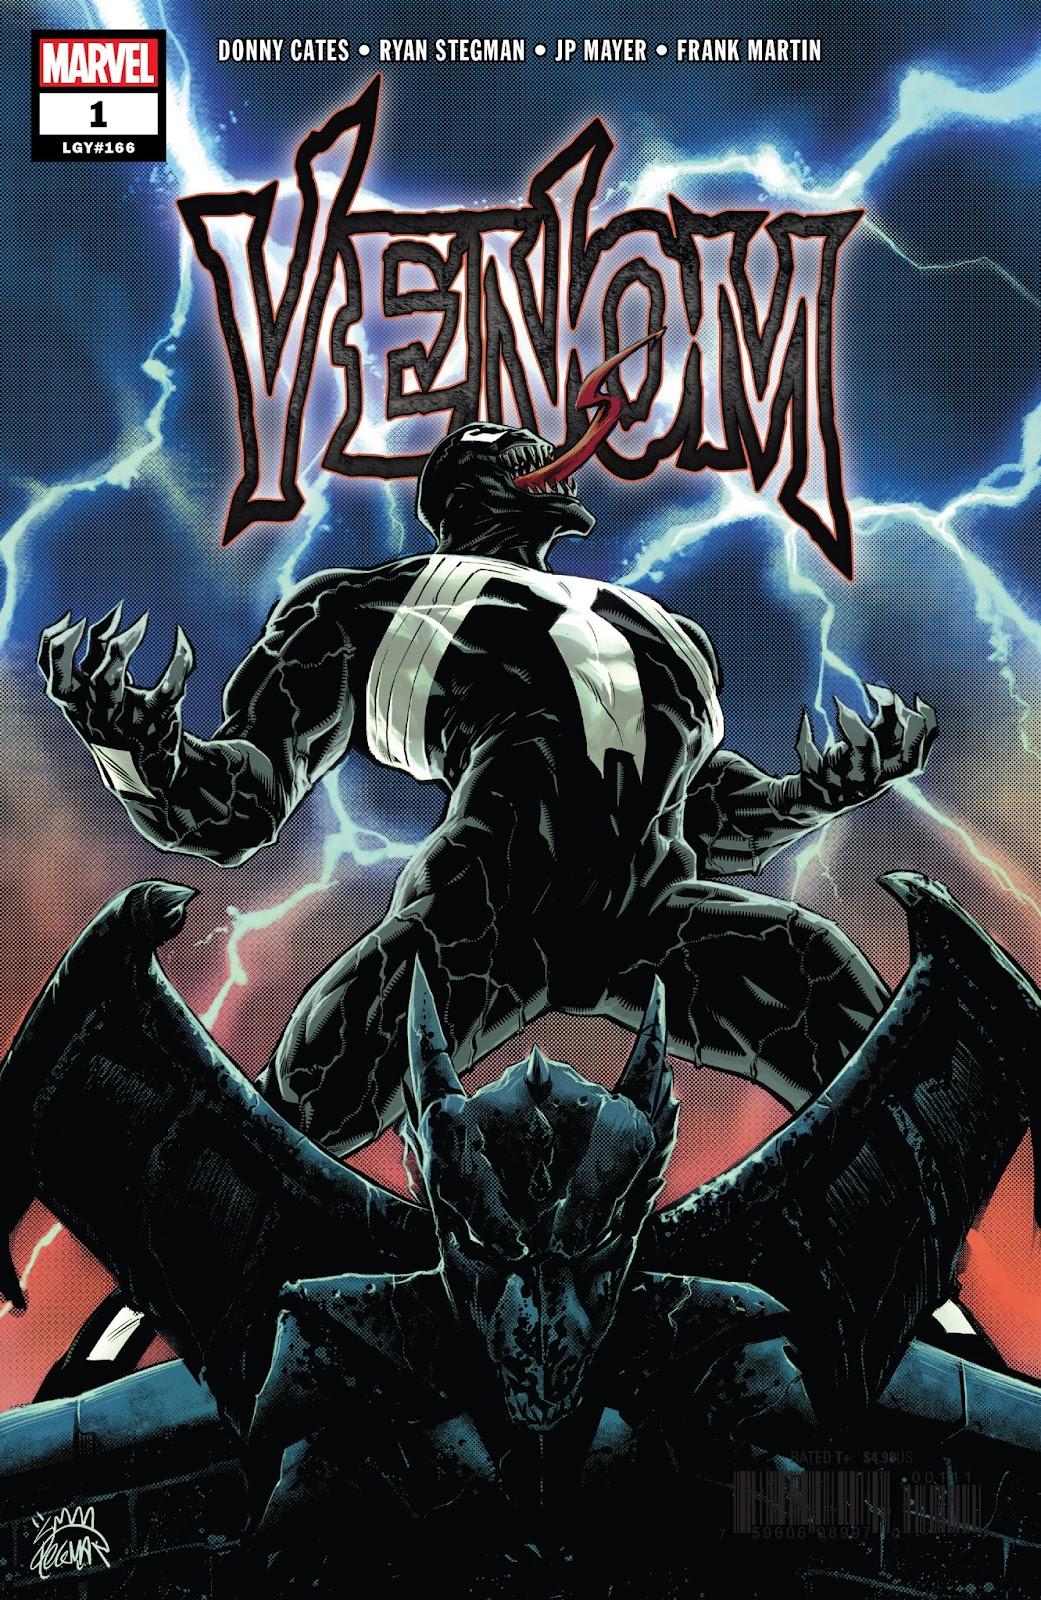 Venom (2018) issue 1 - Page 1